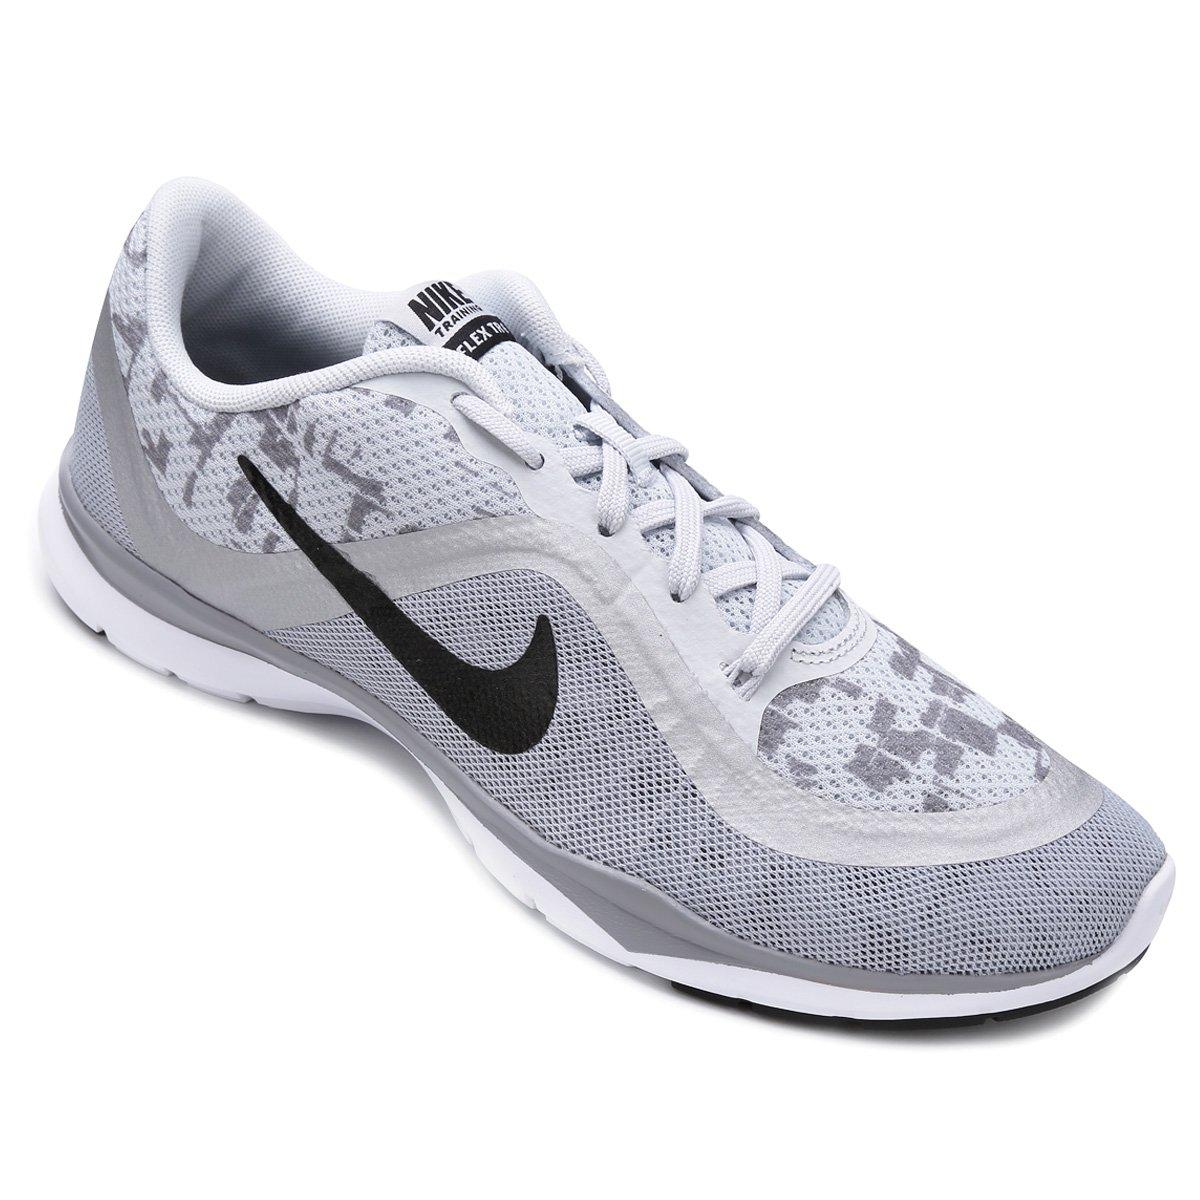 Tênis Nike Flex Trainer 6 Print Feminino - Compre Agora  04d9fc865674f